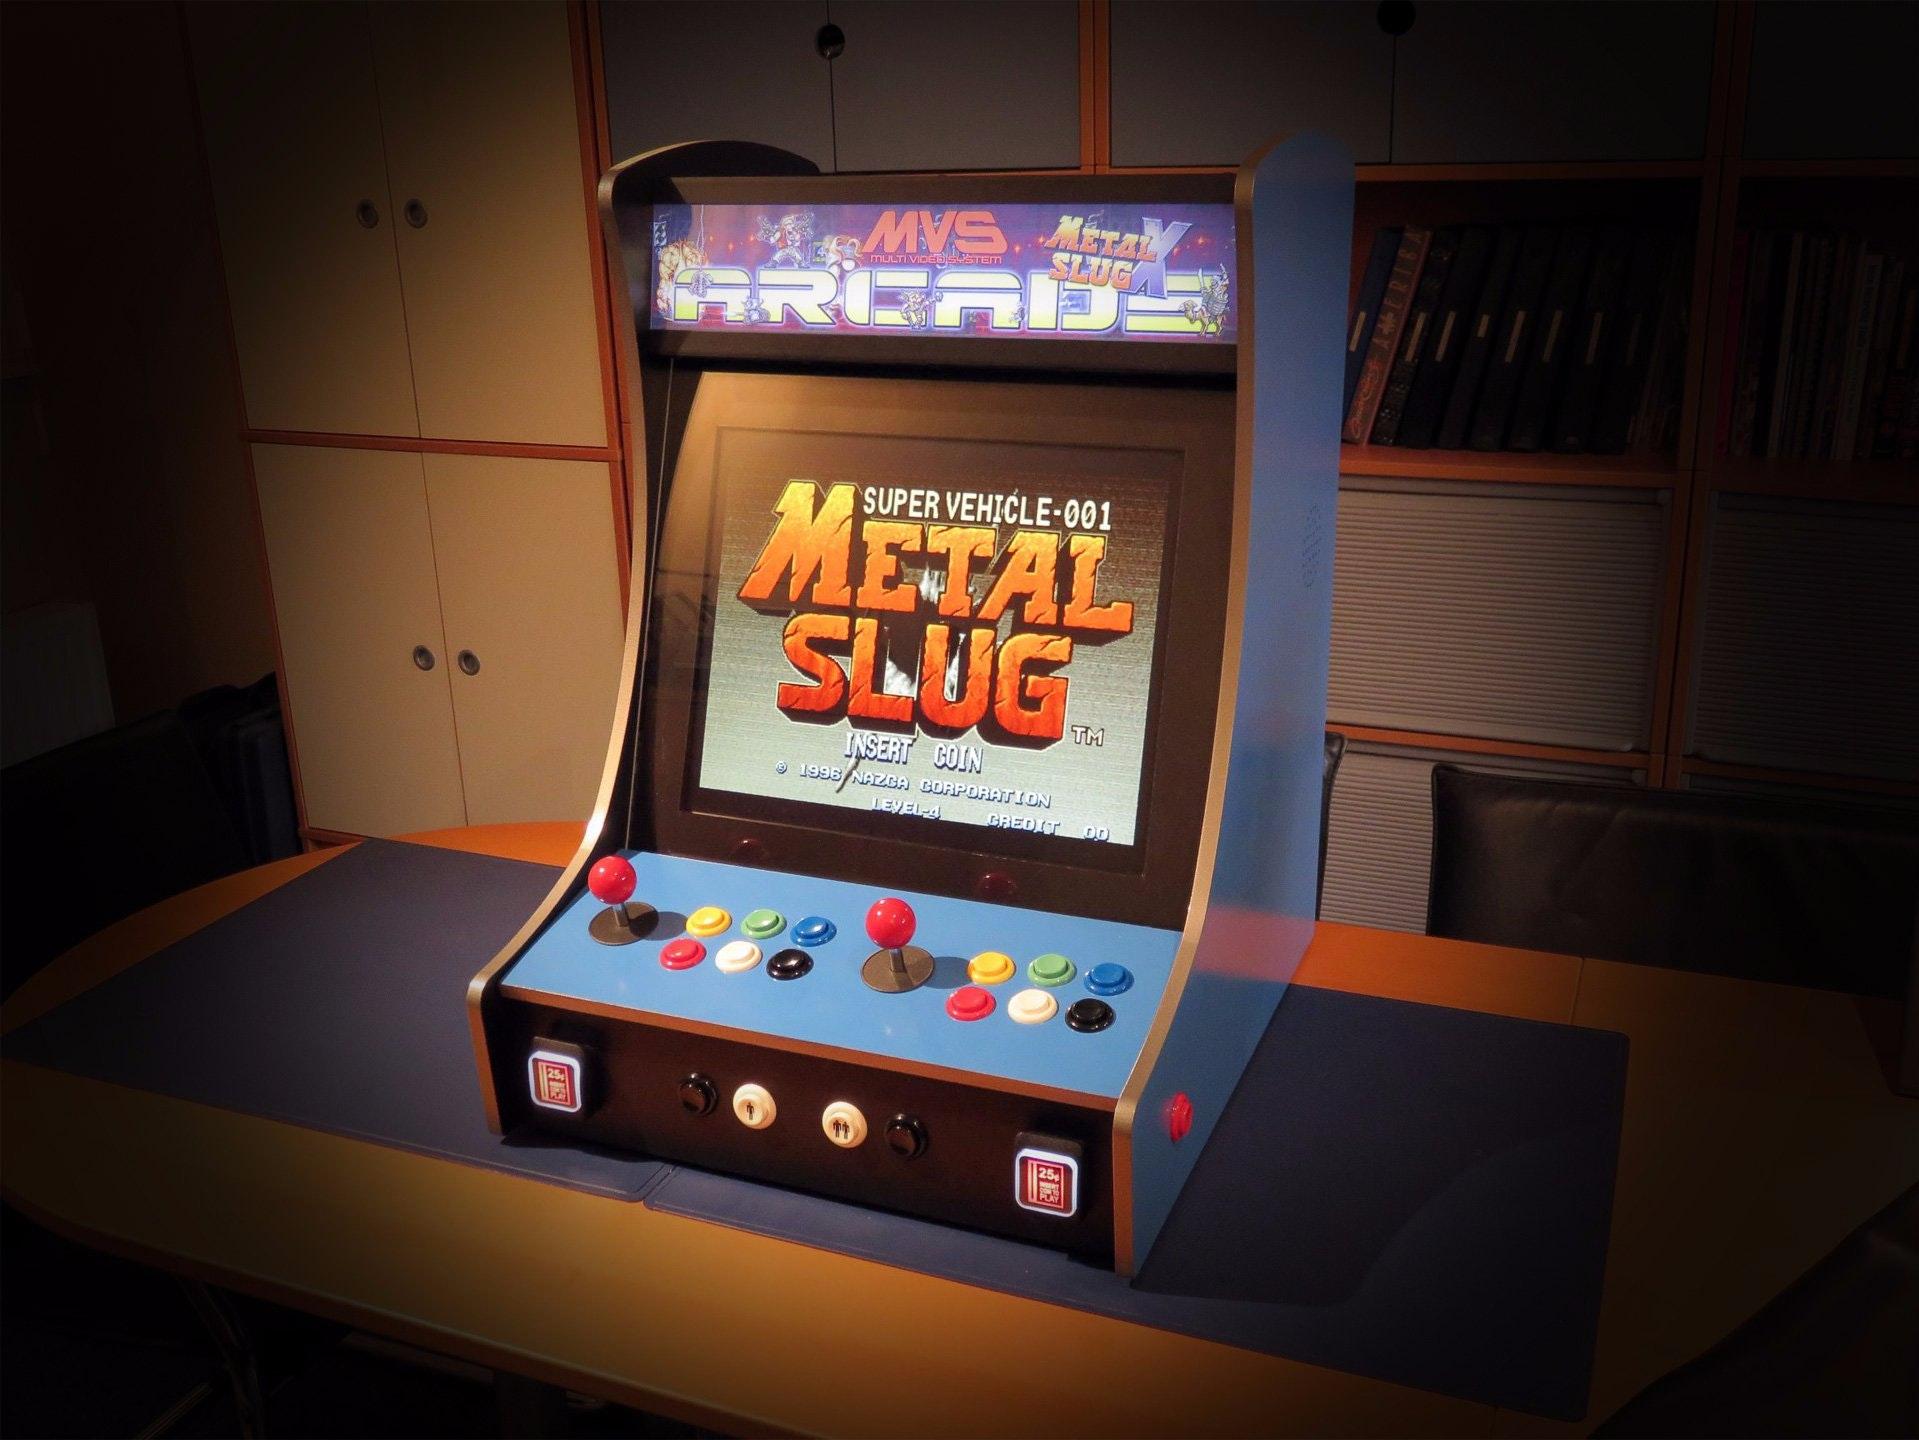 Bar Top Arcade Machine talentneeds